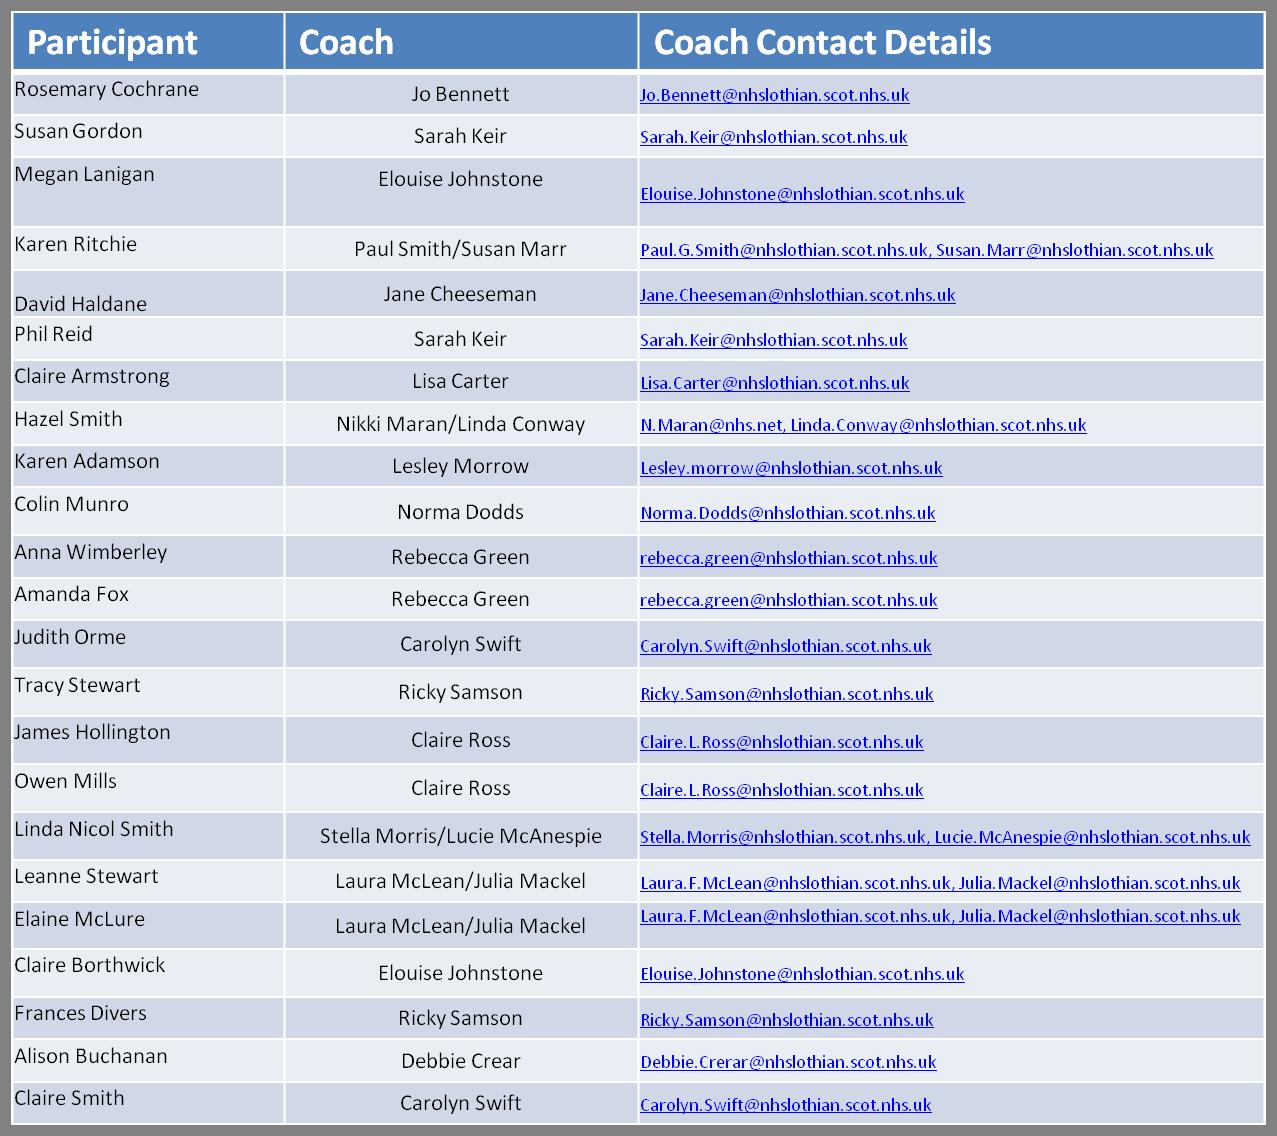 Coaching Image.png